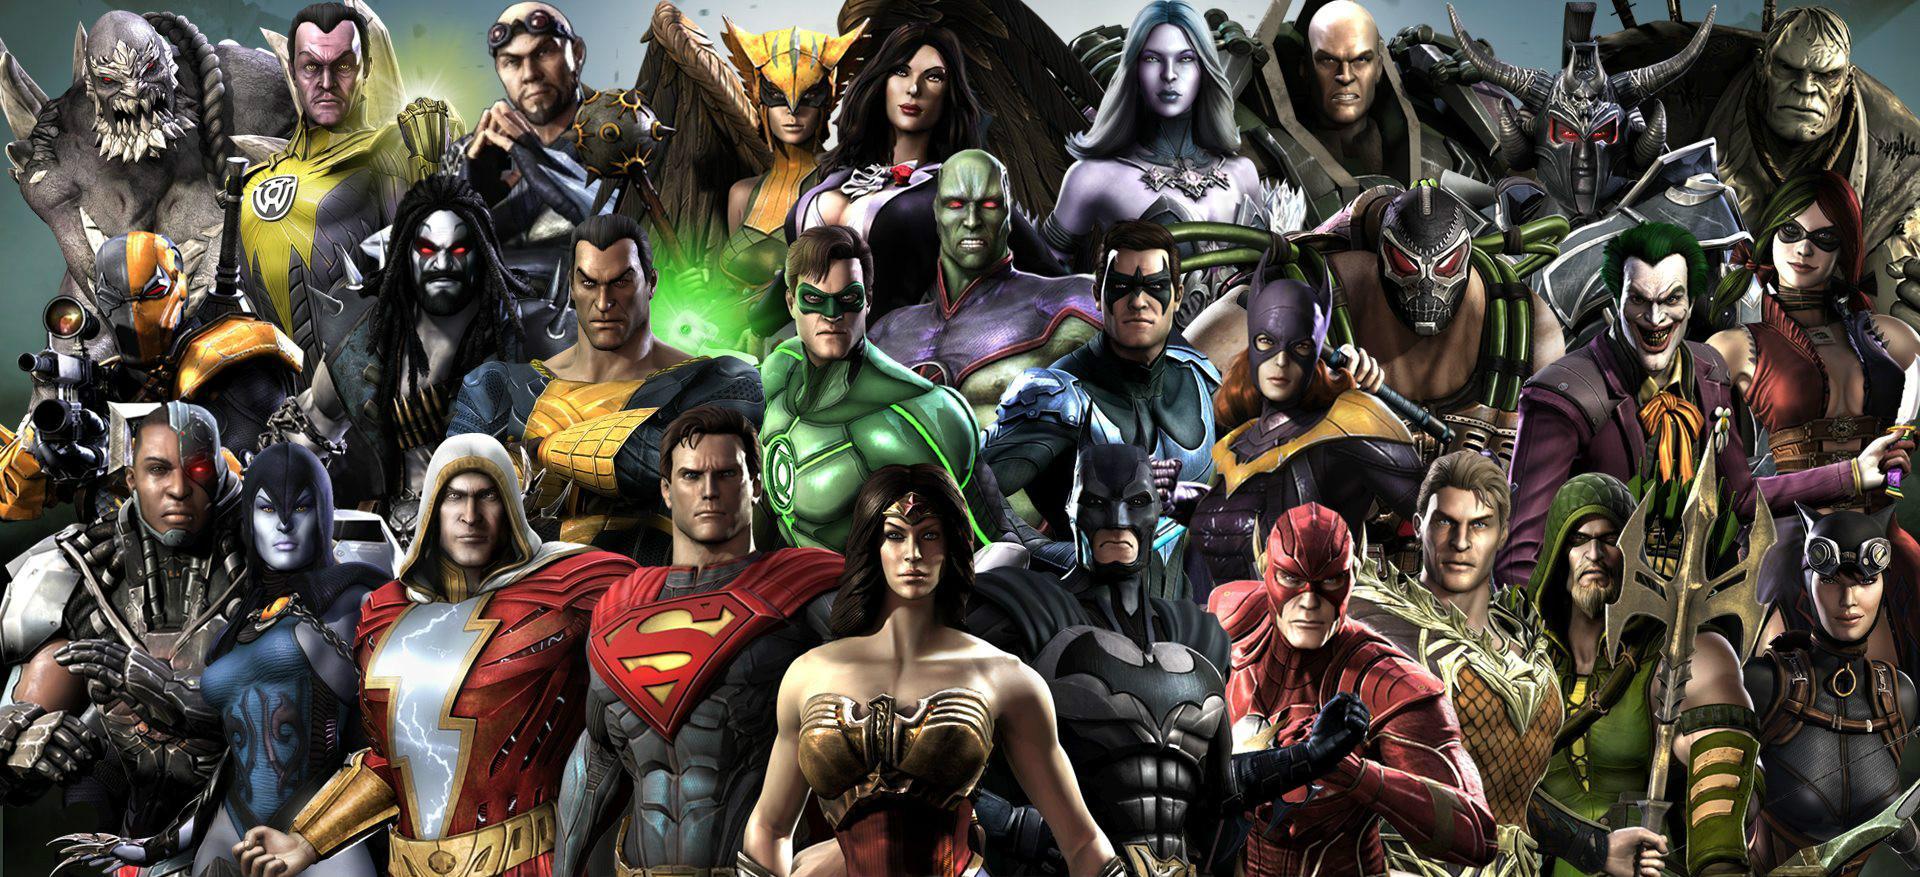 Файтинг Injustice 2 выйдет на PC